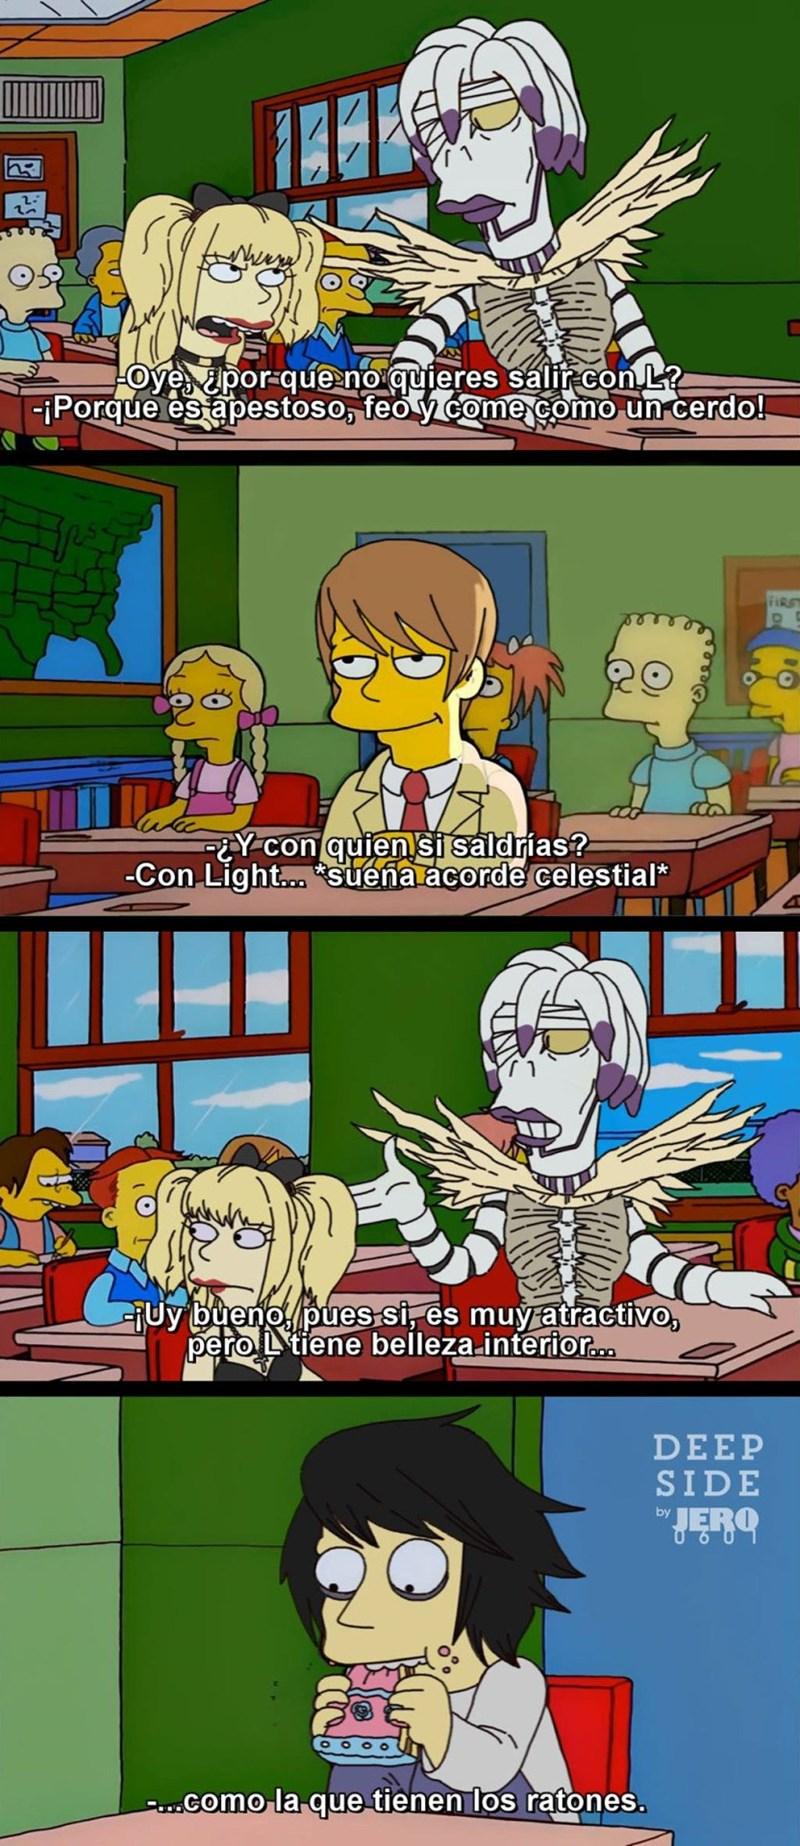 meme death note no saldrias con l por apestoso